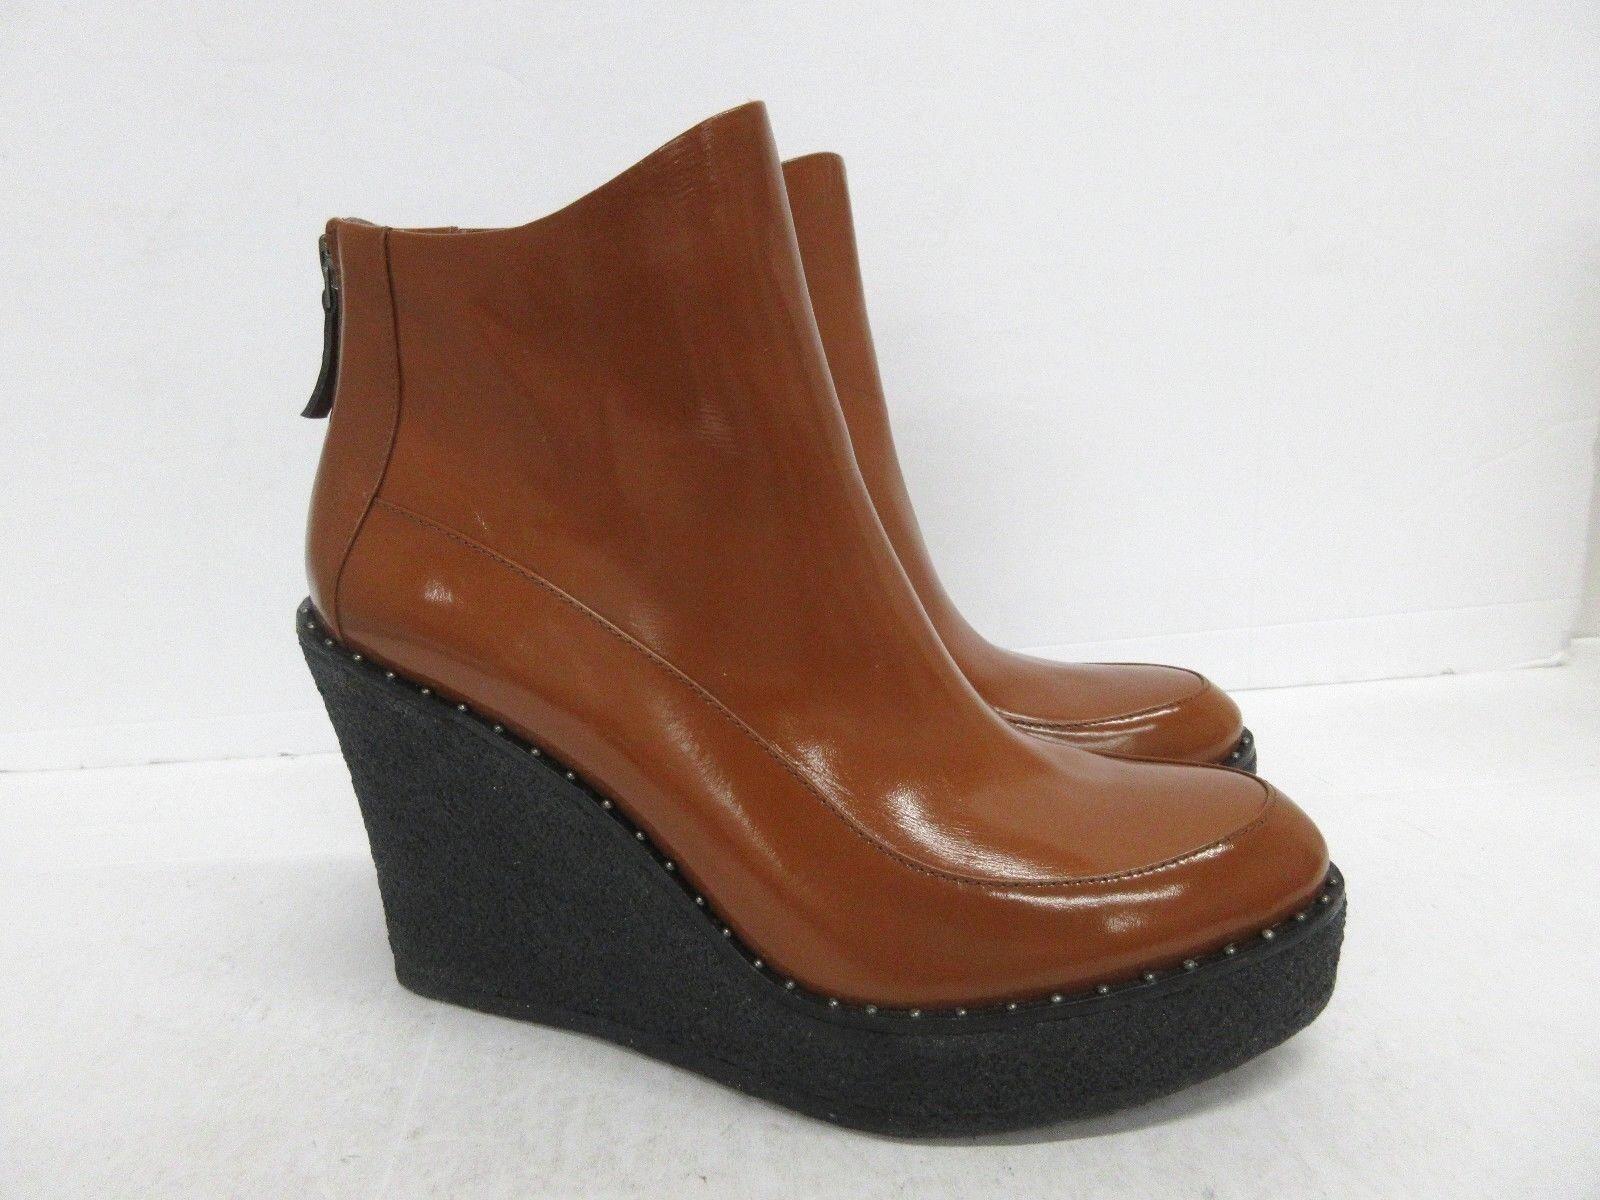 Neu  Herve Leger Cognac Patent Leder Keil Knöchel Stiefel Größe  40 Eu (10 US)